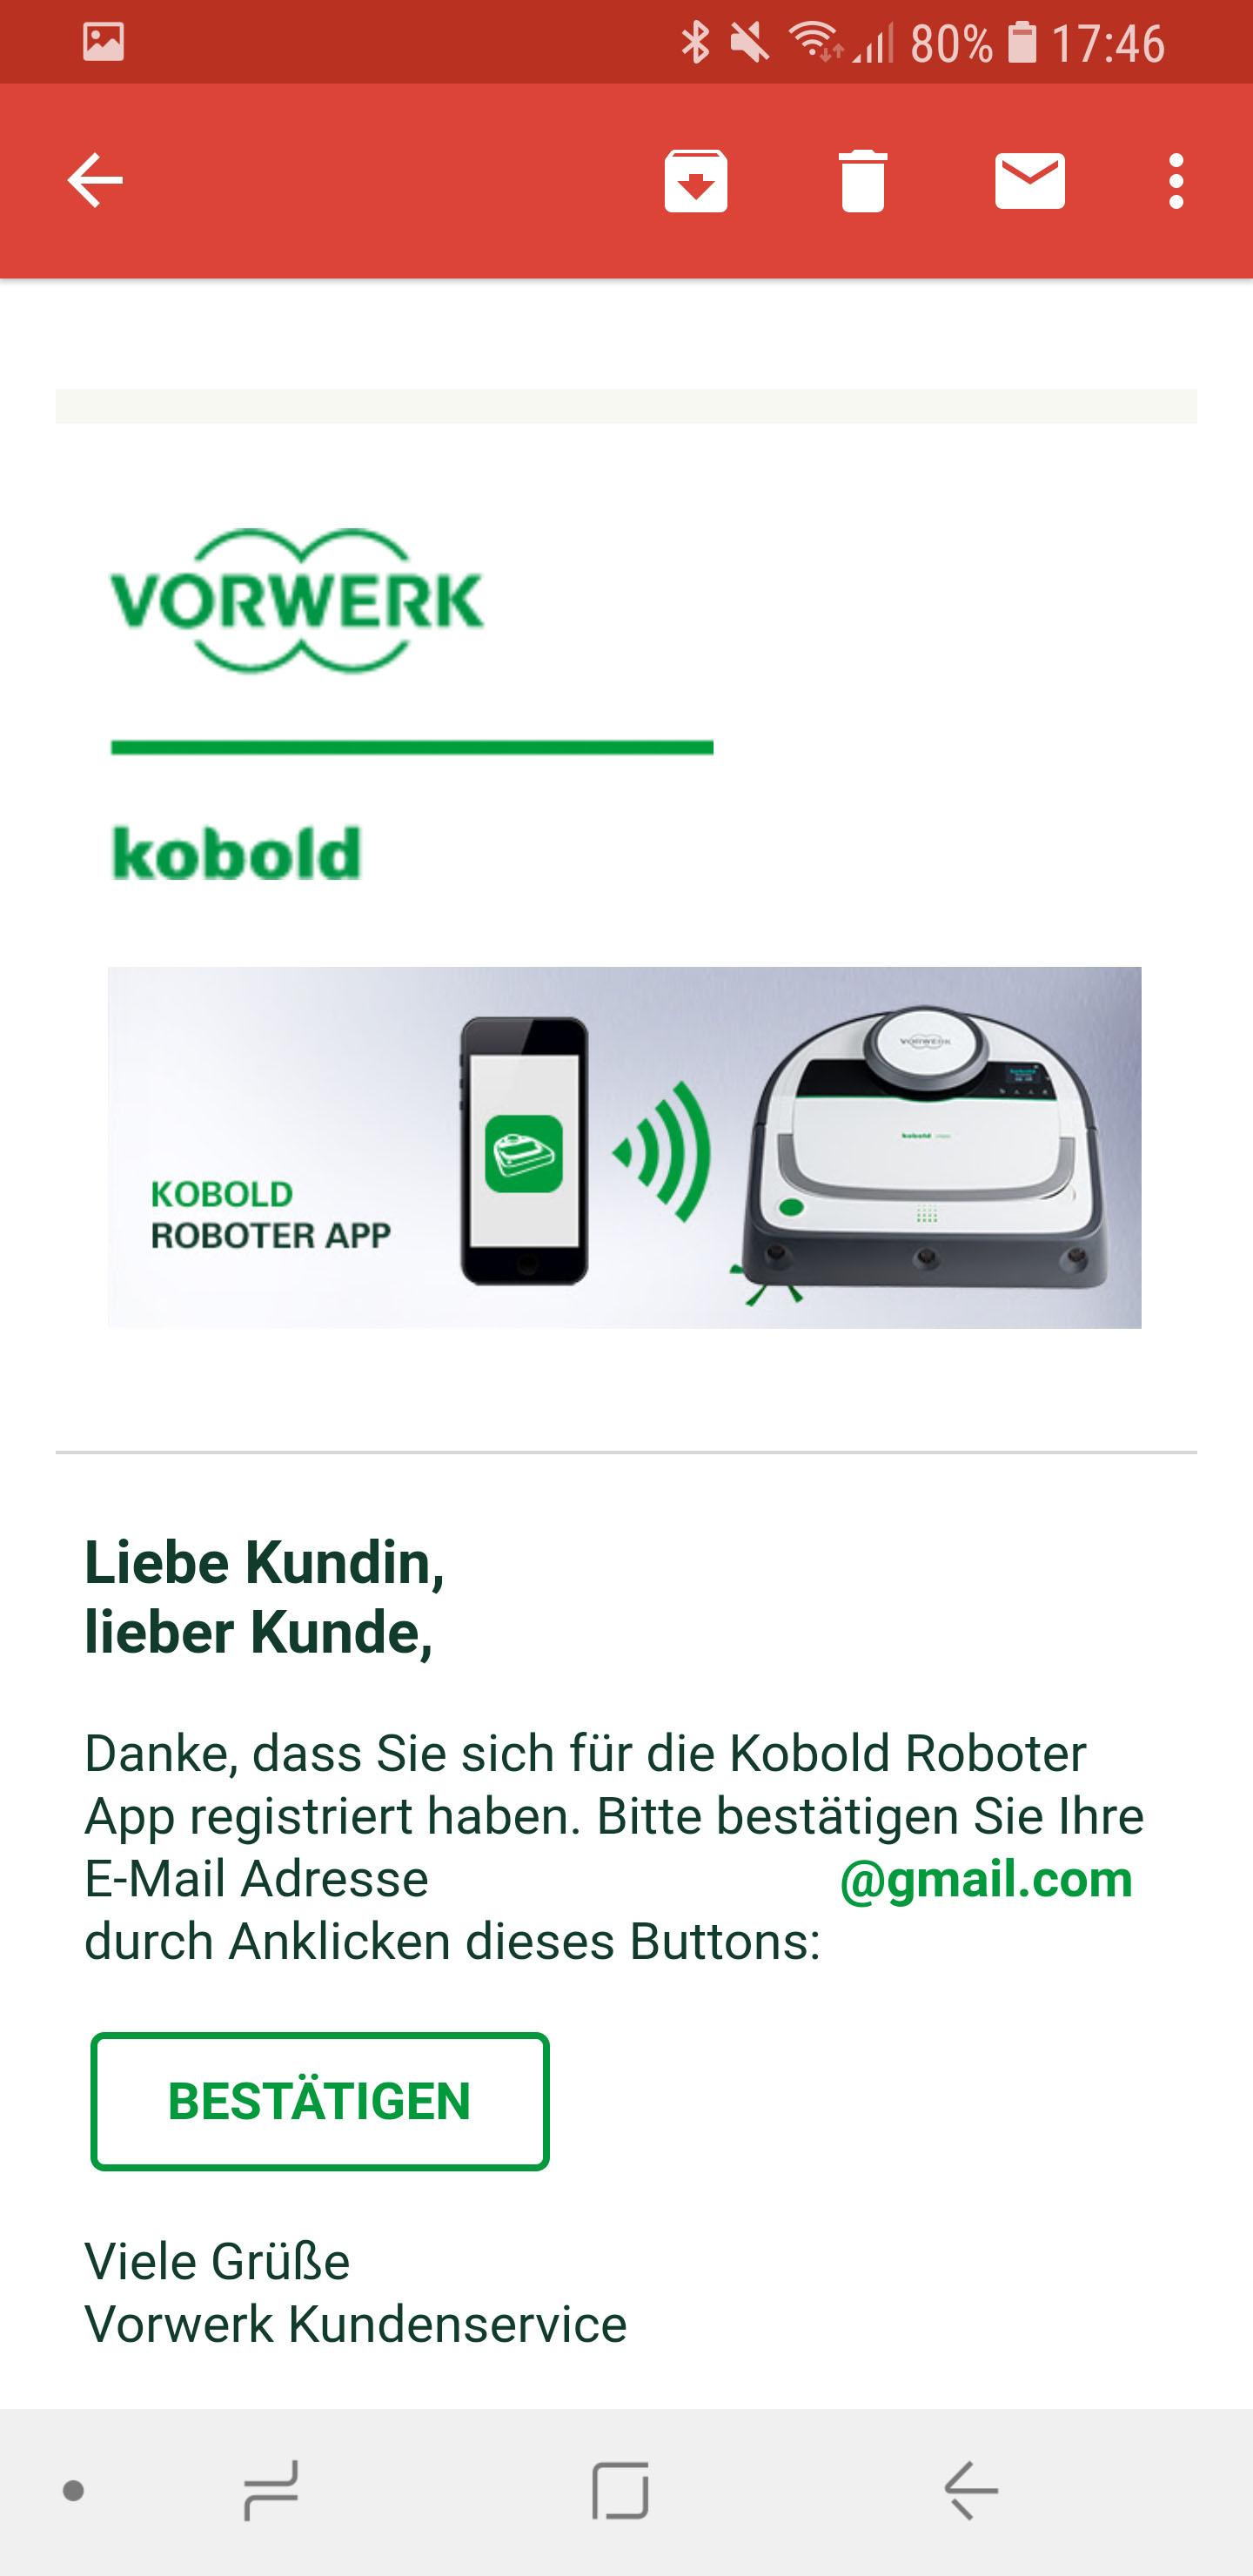 Vorwerk Kobold App installieren und Account einrichten 10